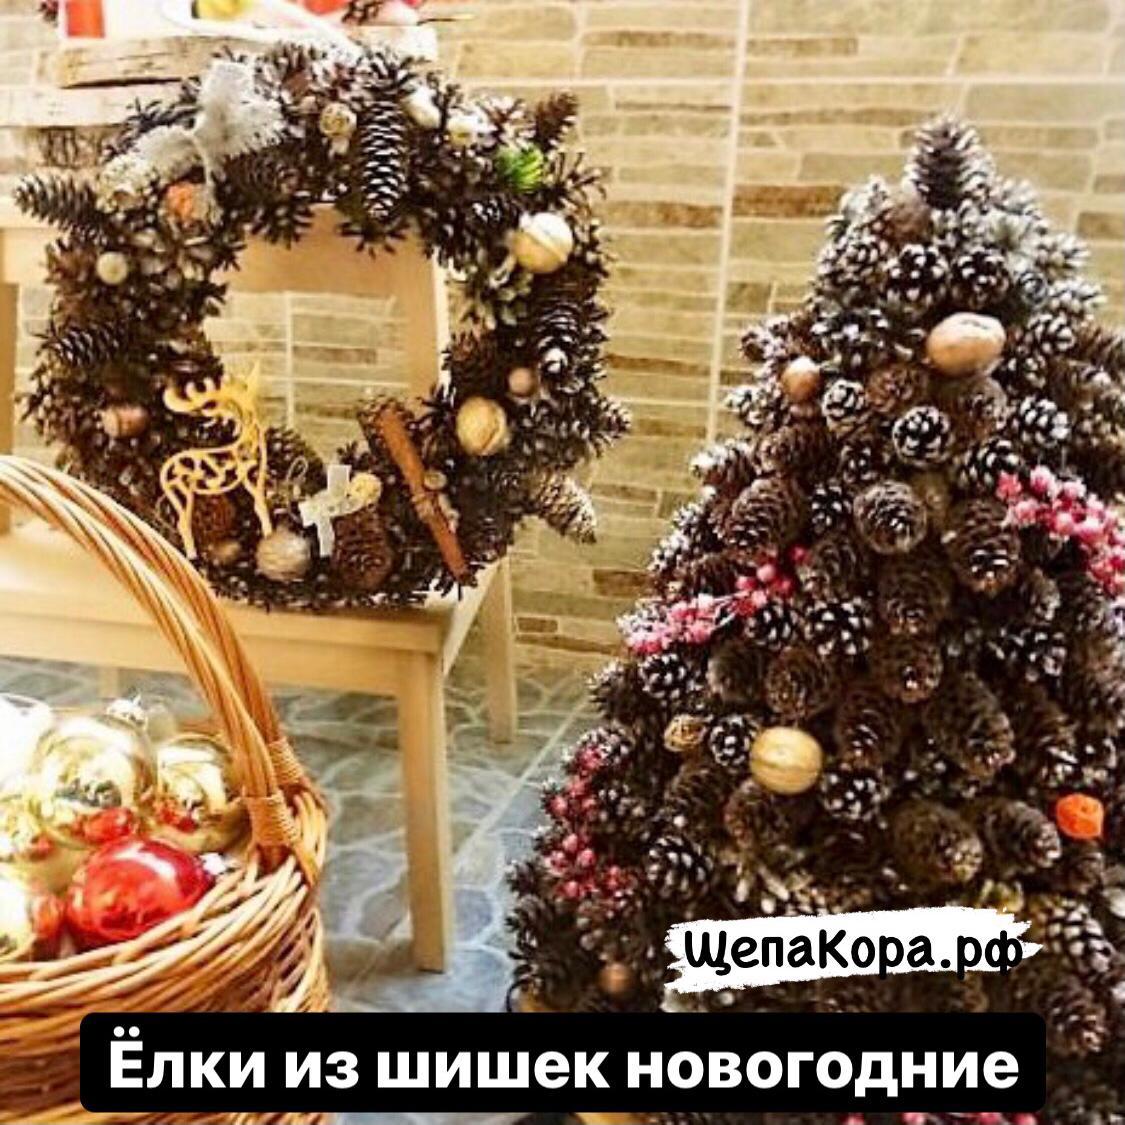 елки из шишек новогодние